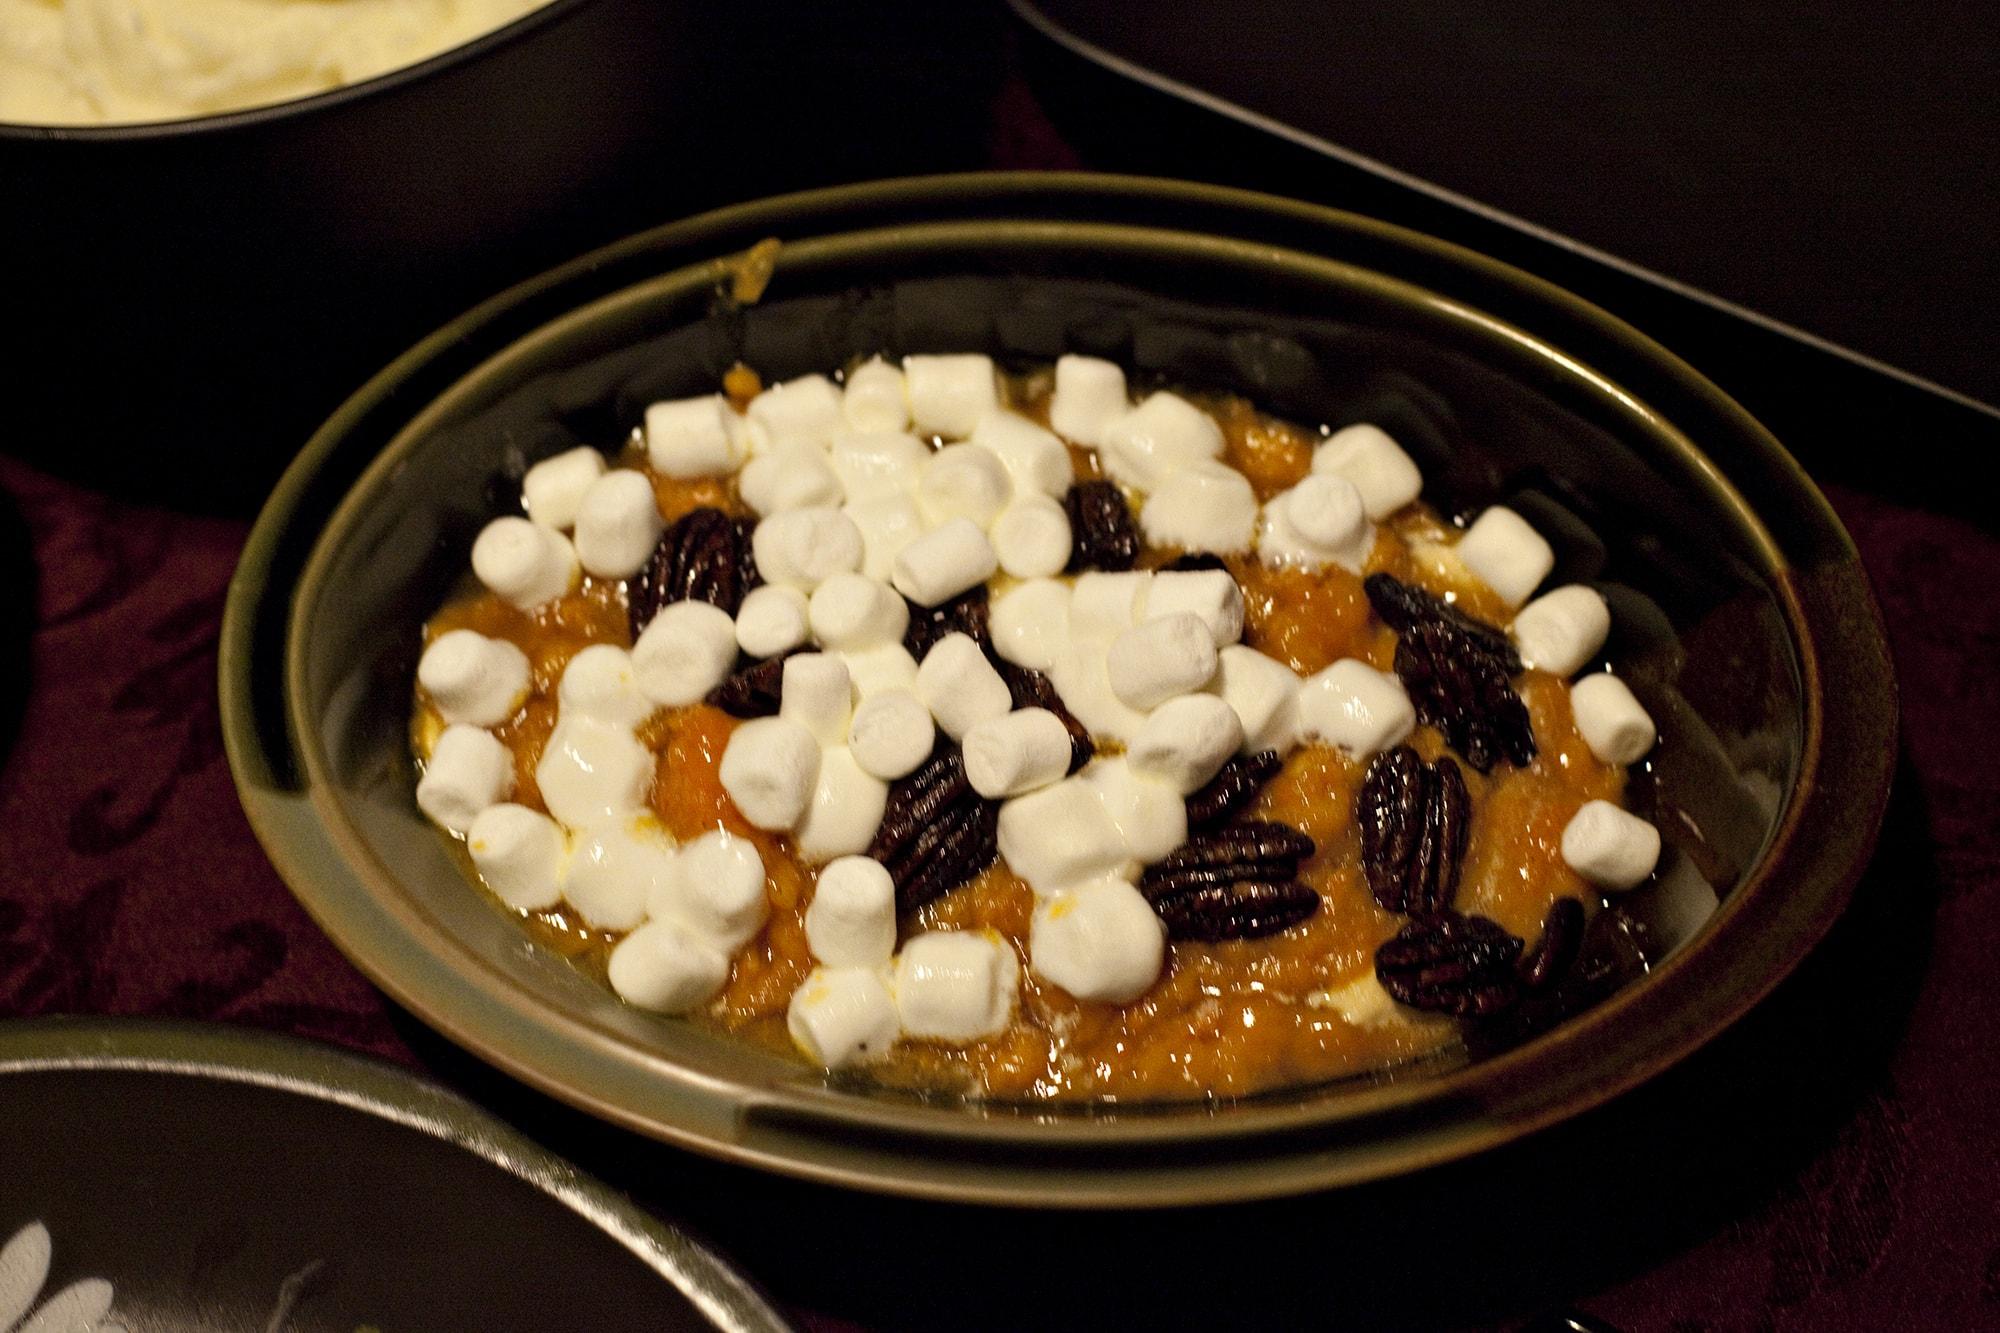 Cooking Thanksgiving Dinner - Sweet Potato Casserole